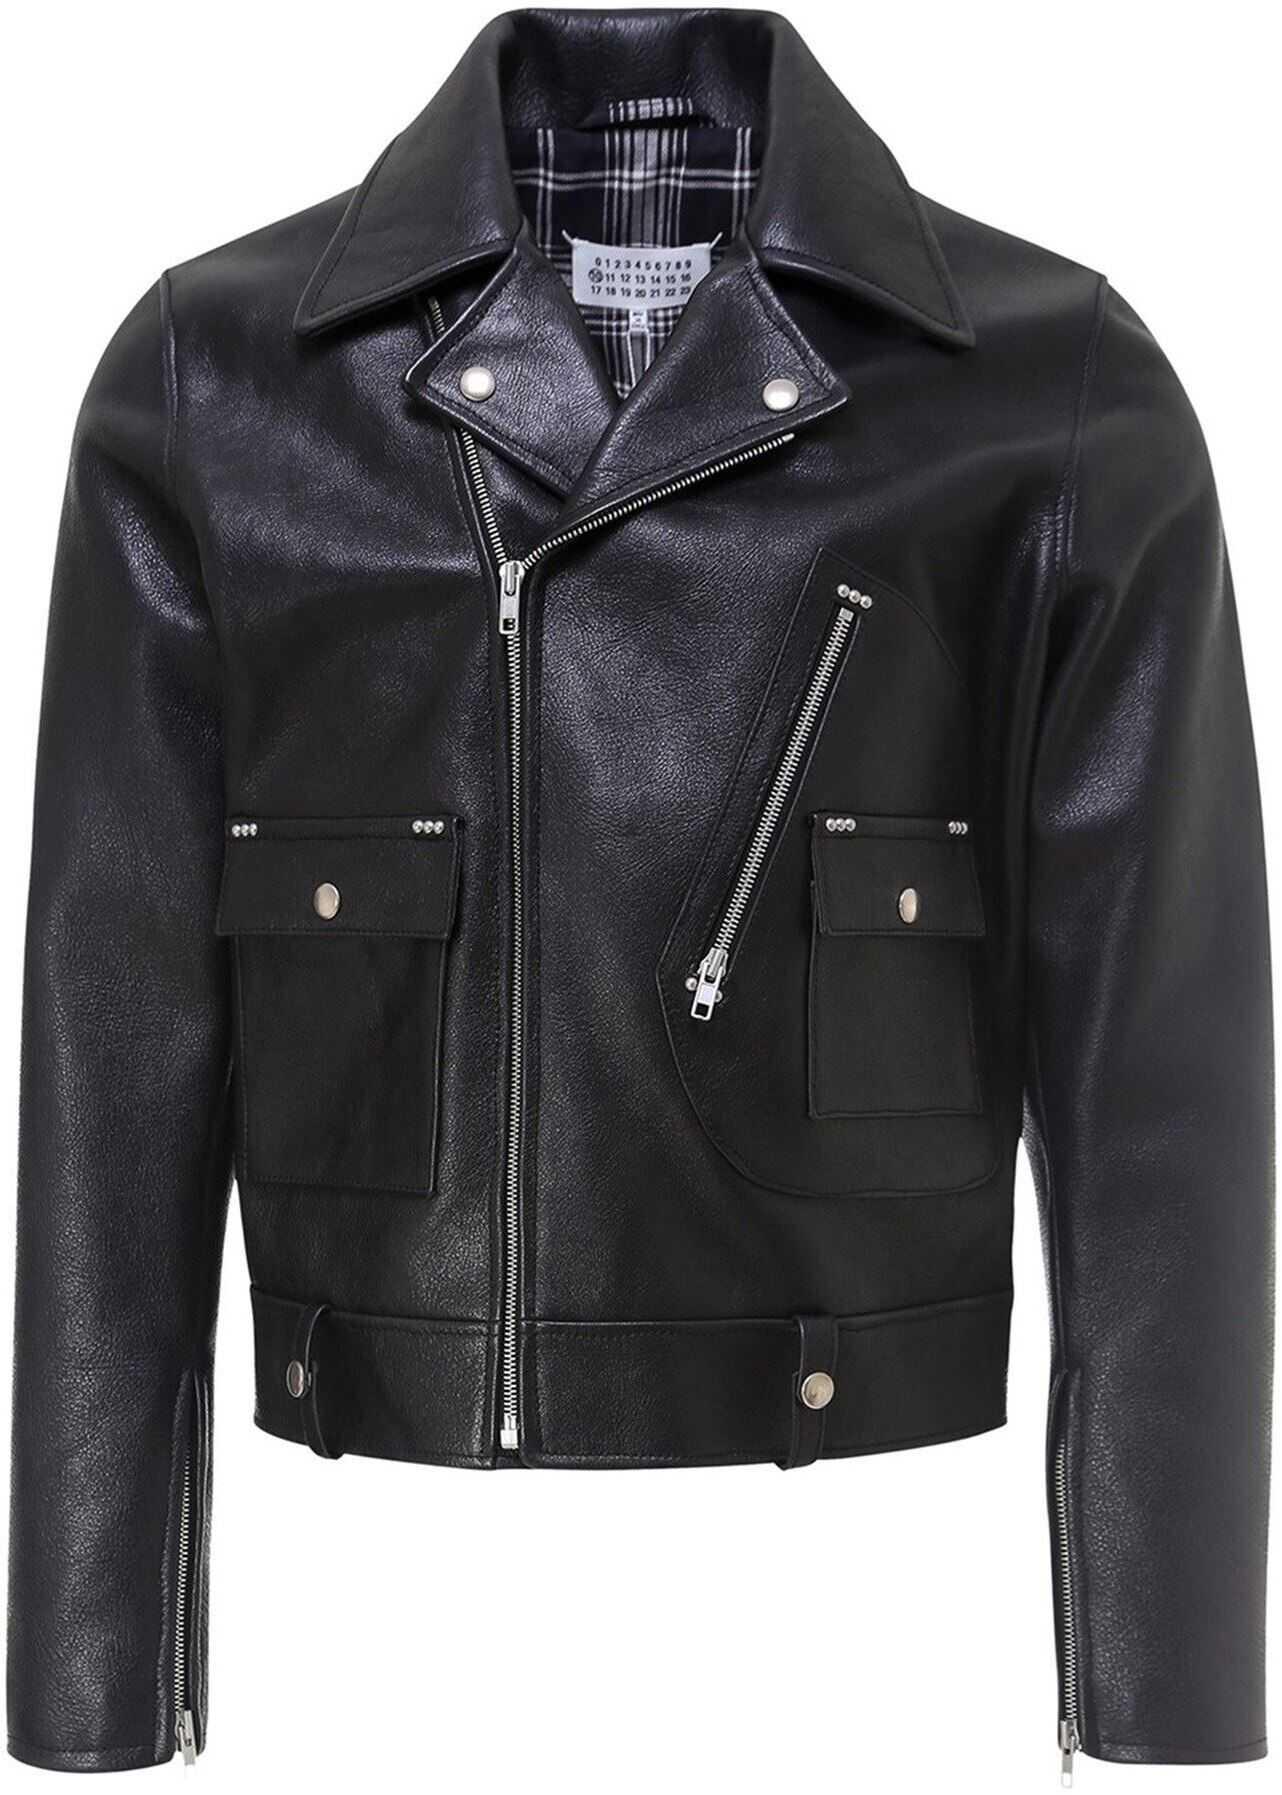 Maison Margiela Leather Bomber Jacket In Black Black imagine